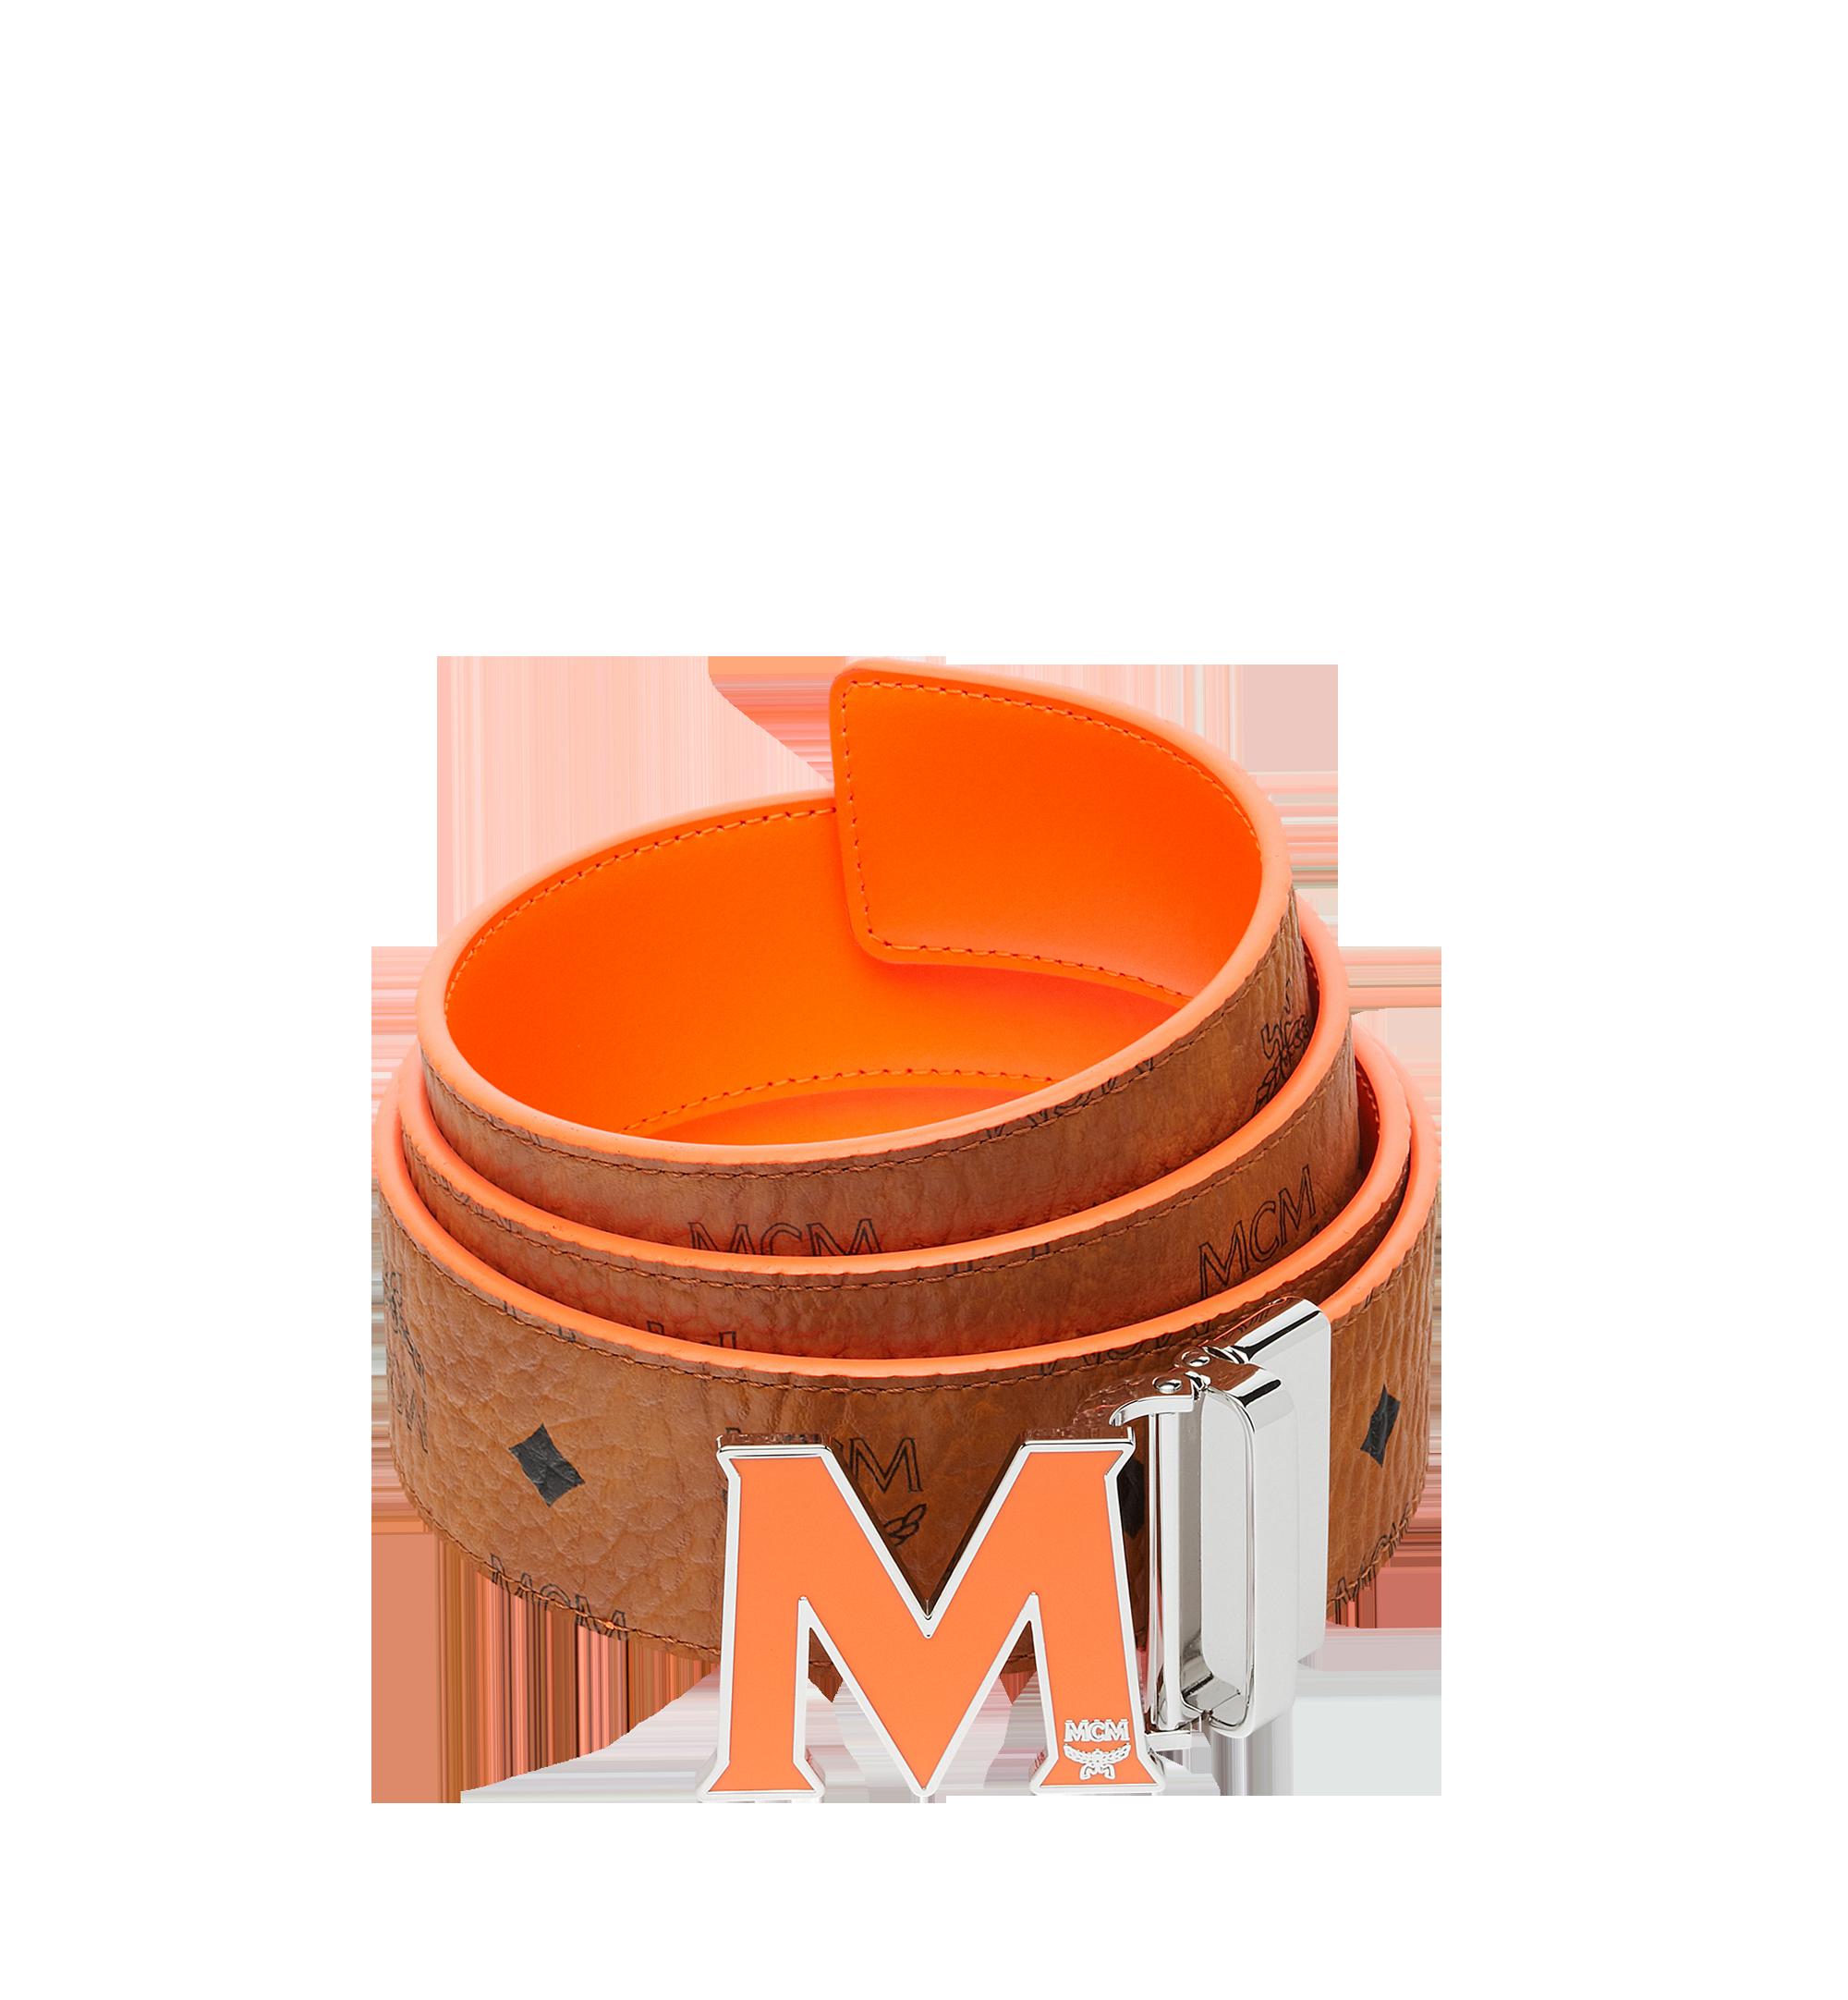 3d2fd44c6c1f Mcm Claus Flat M Reversible Belt 1.5